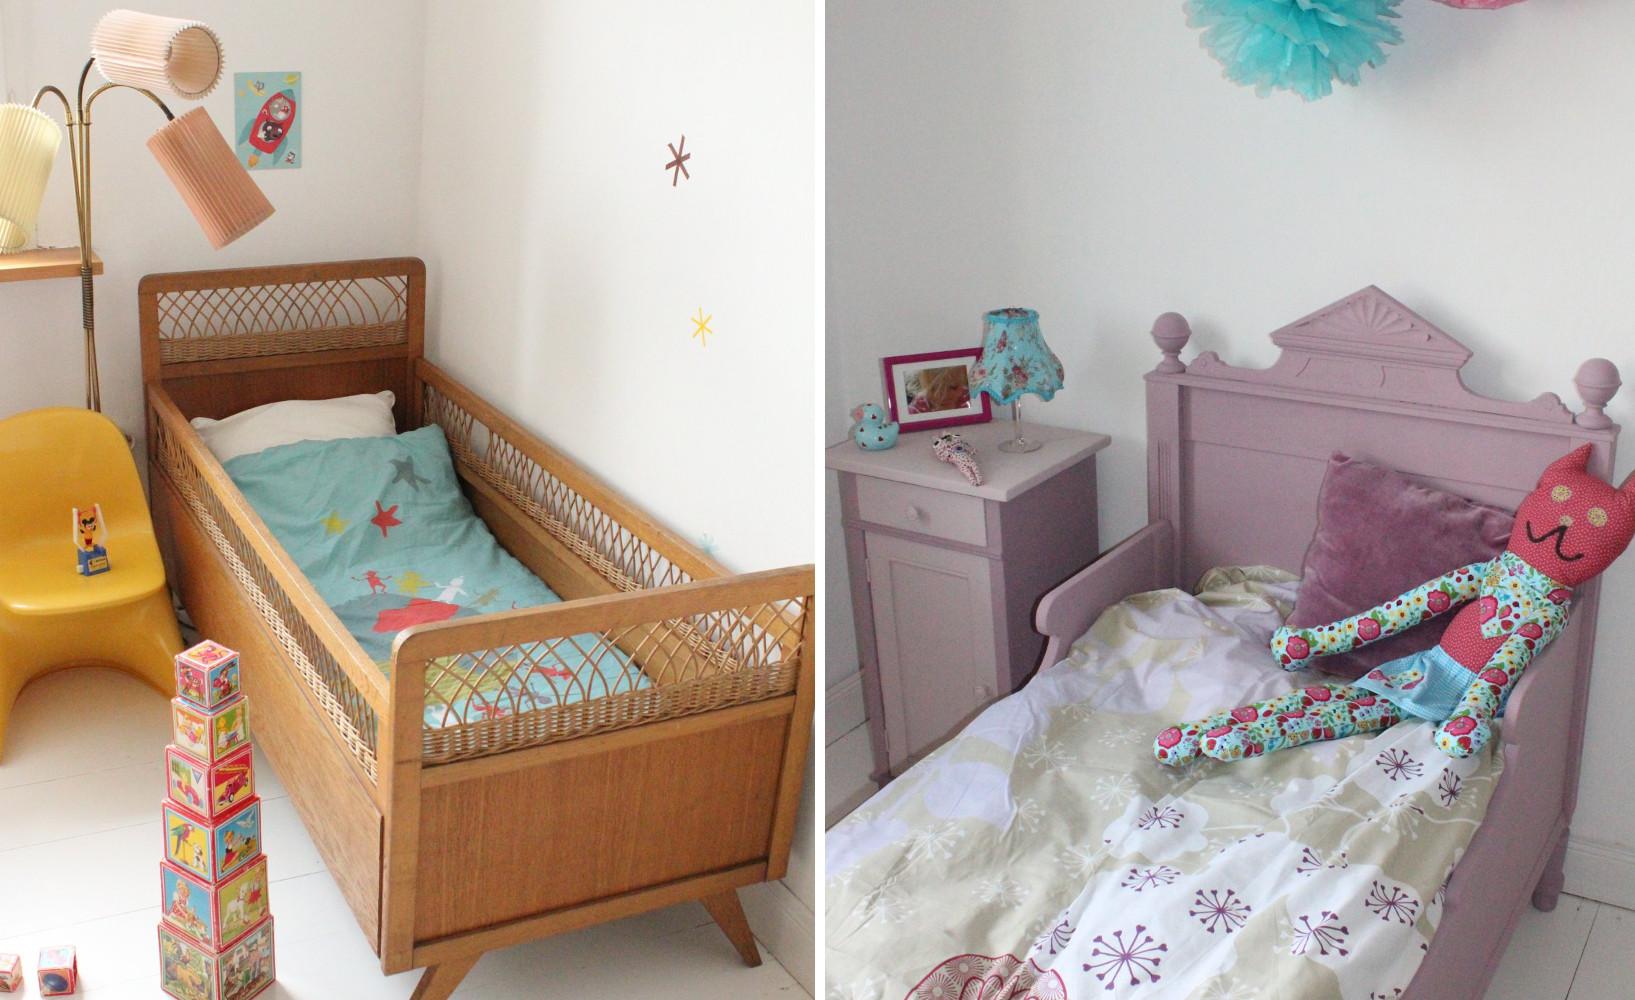 beautiful einfache dekoration und mobel die richtige bettwaesche fuer kinder #6: Bettwäsche für Kinder Collage